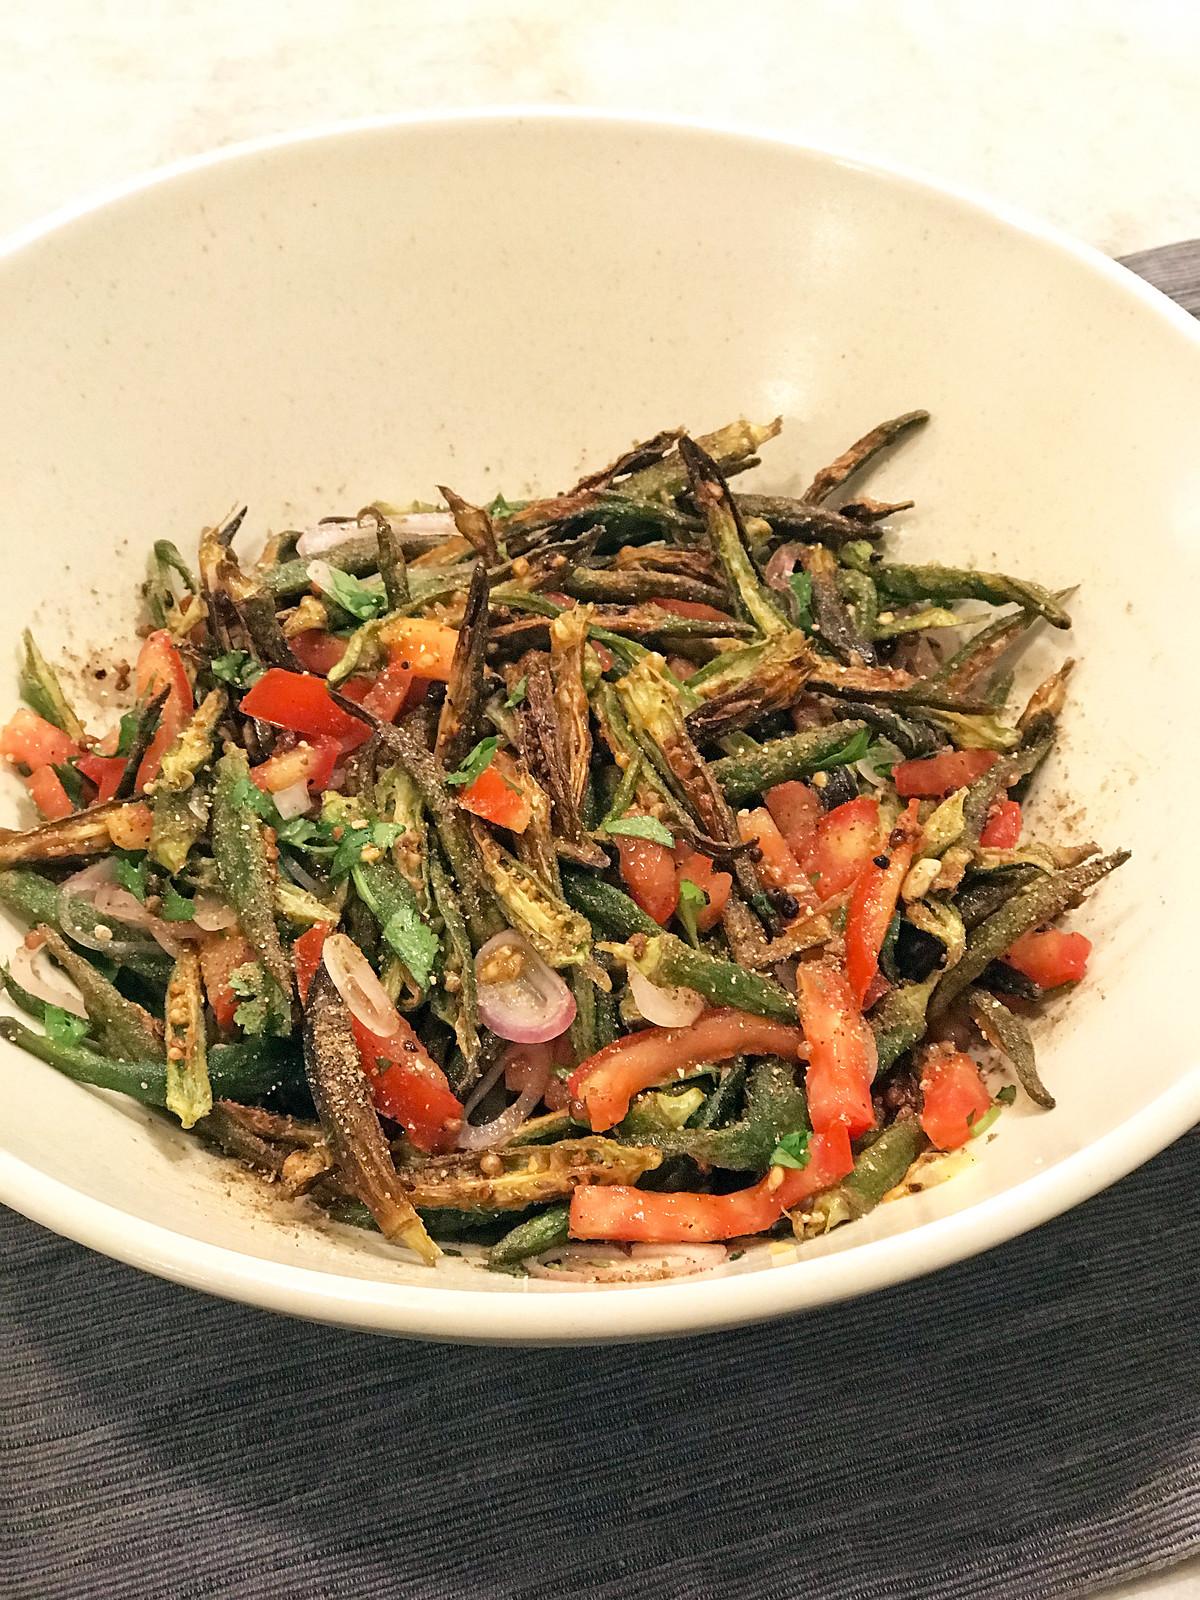 Crispy okra salad